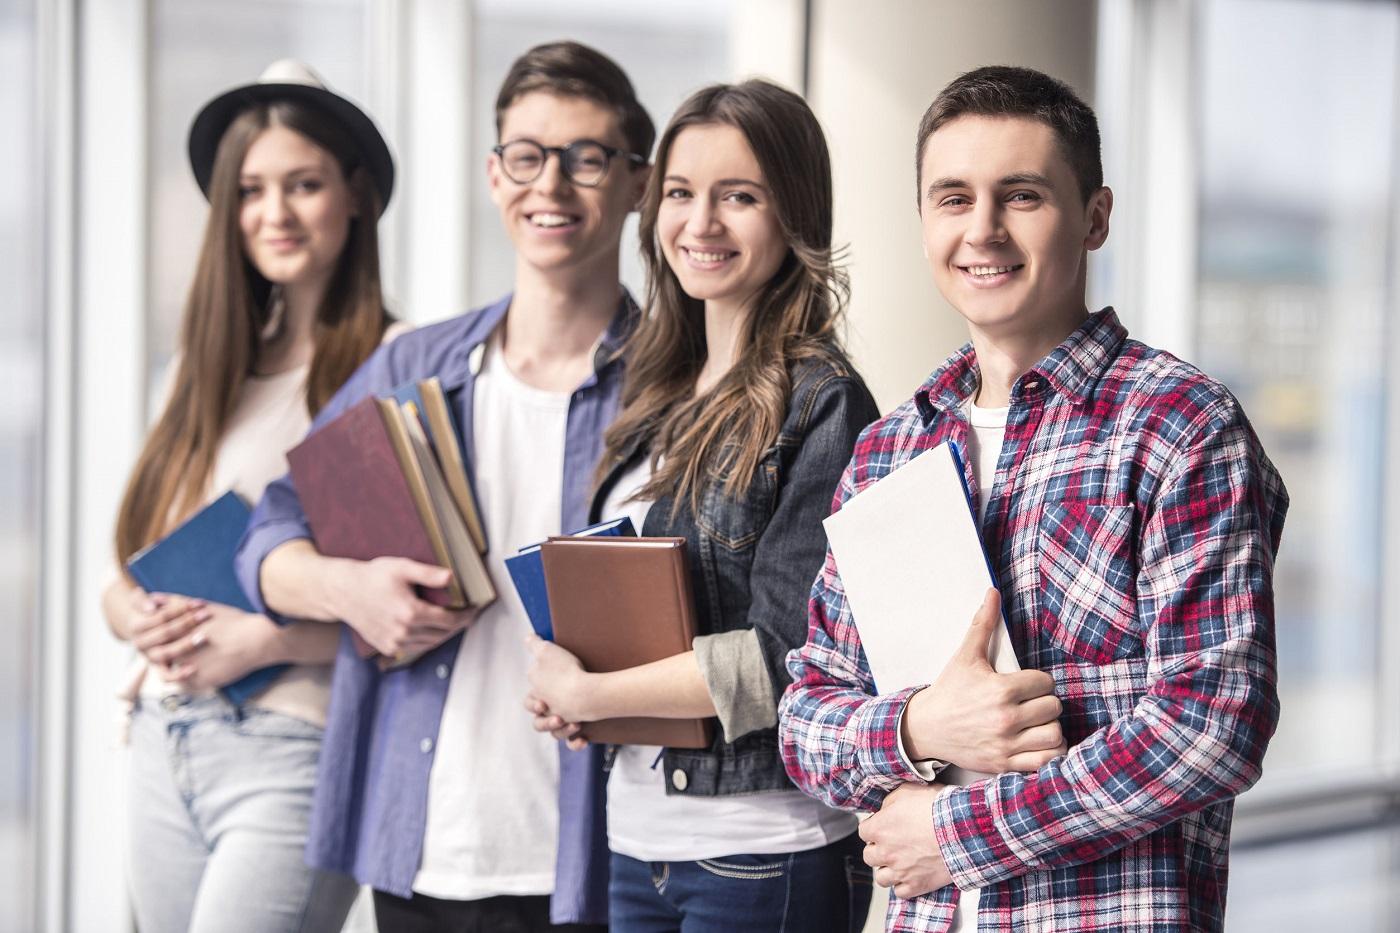 Бакалавриат и магистратура: порядок зачисления, программы и сроки обучения